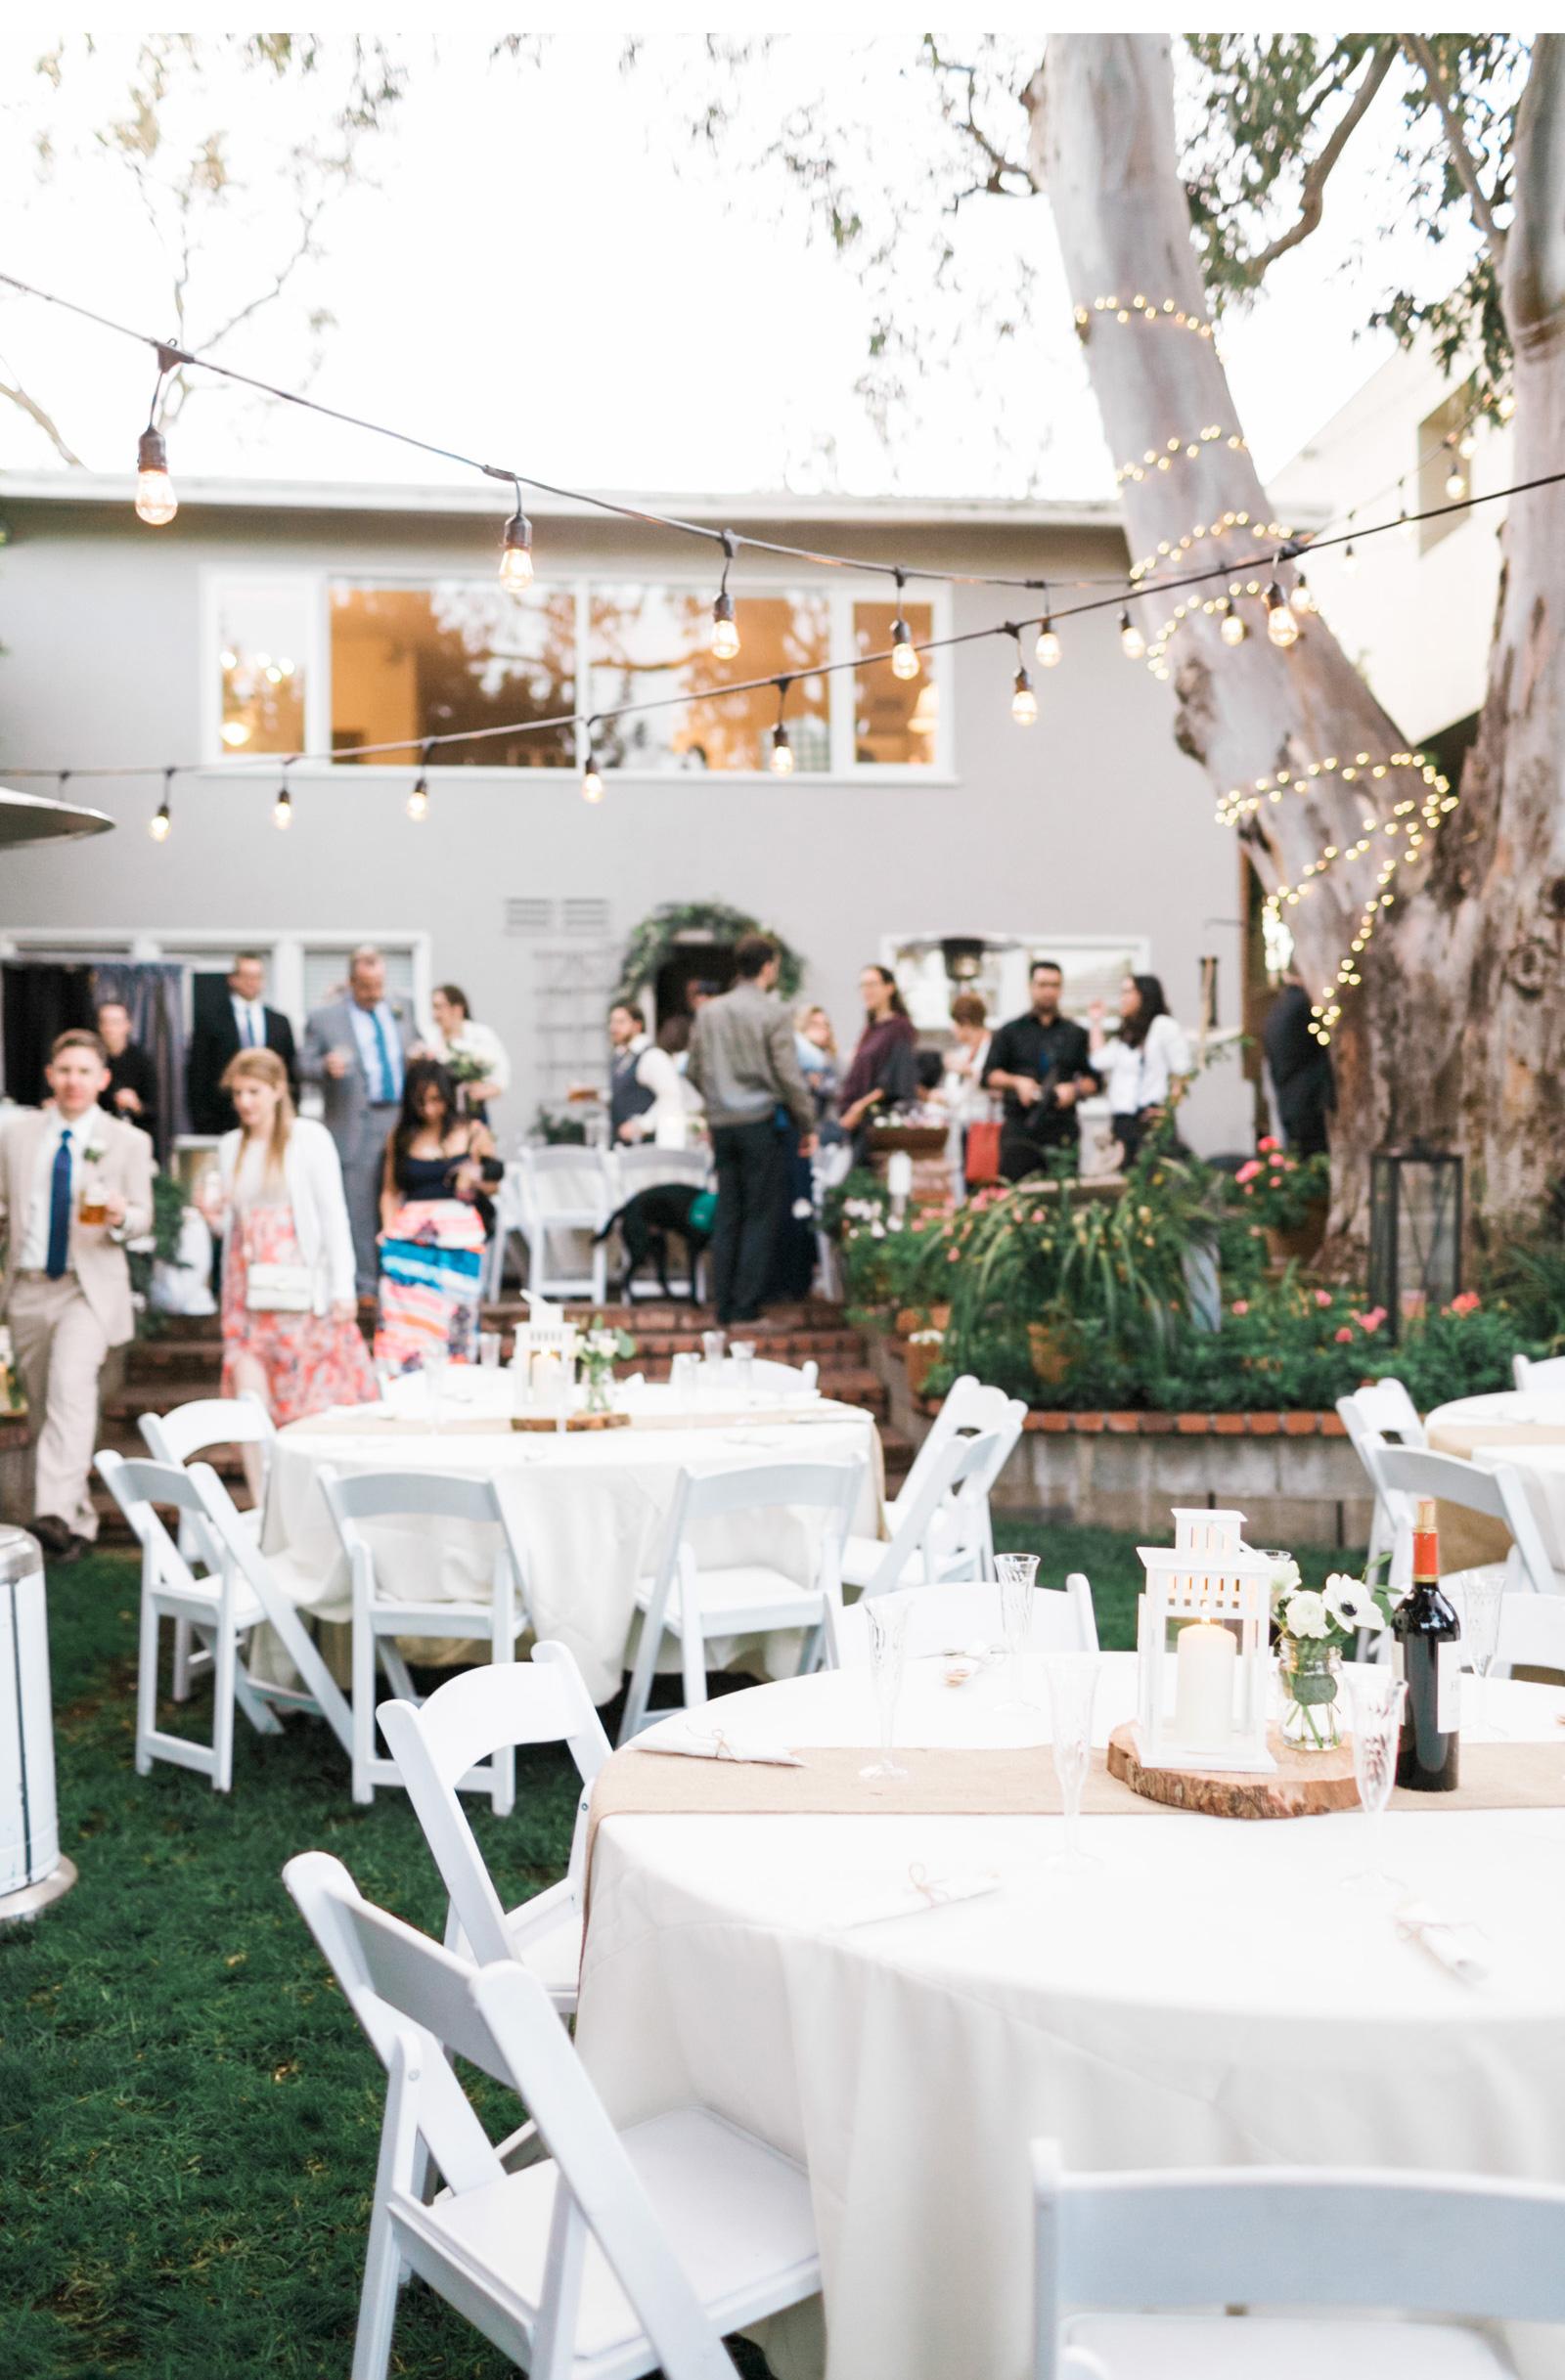 Natalie-Schutt-Photography-Backyard-Wedding-_03.jpg